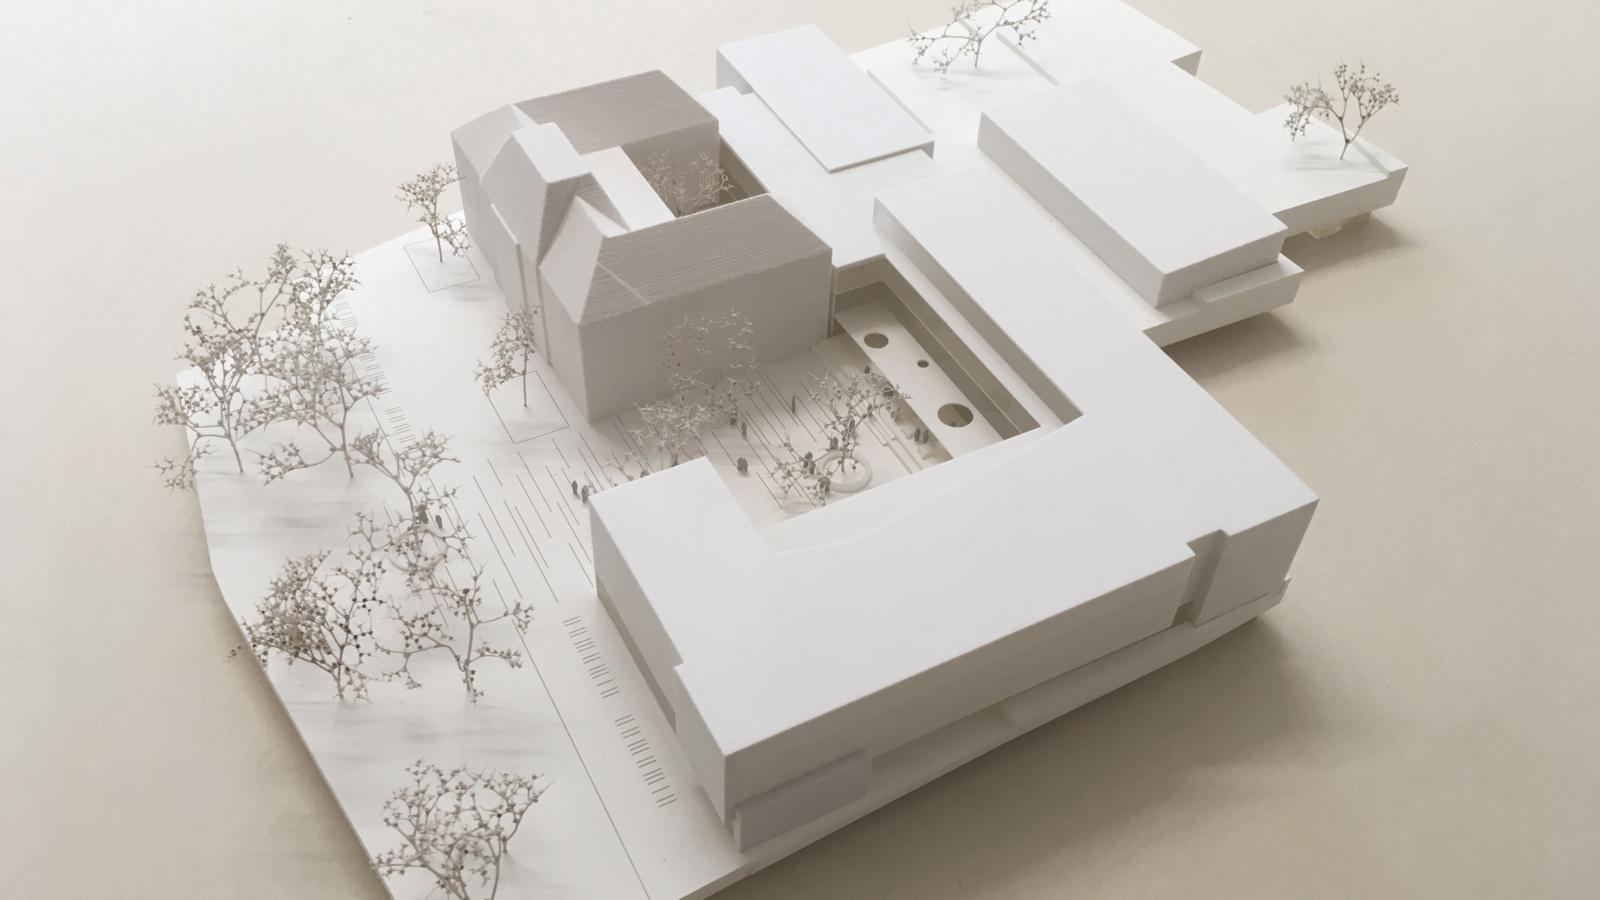 WETTBEWERB Schule der Zukunft Feldbach Modell01